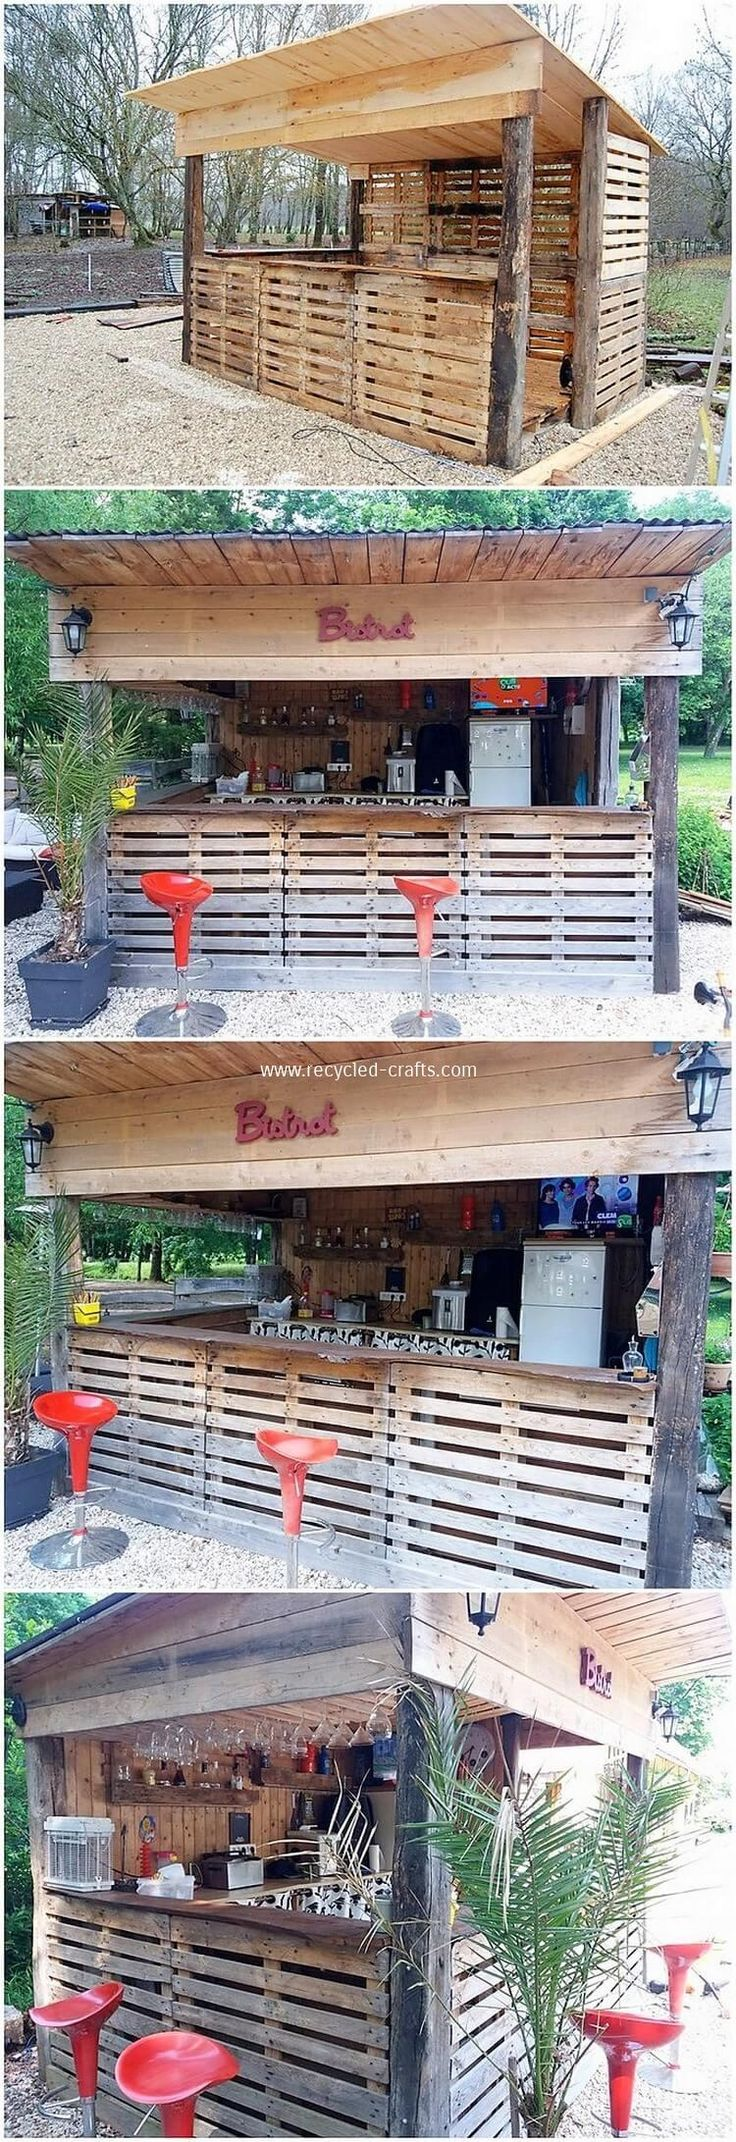 Kreative Ideen, um alten Holzpaletten einen neuen Look zu verleihen